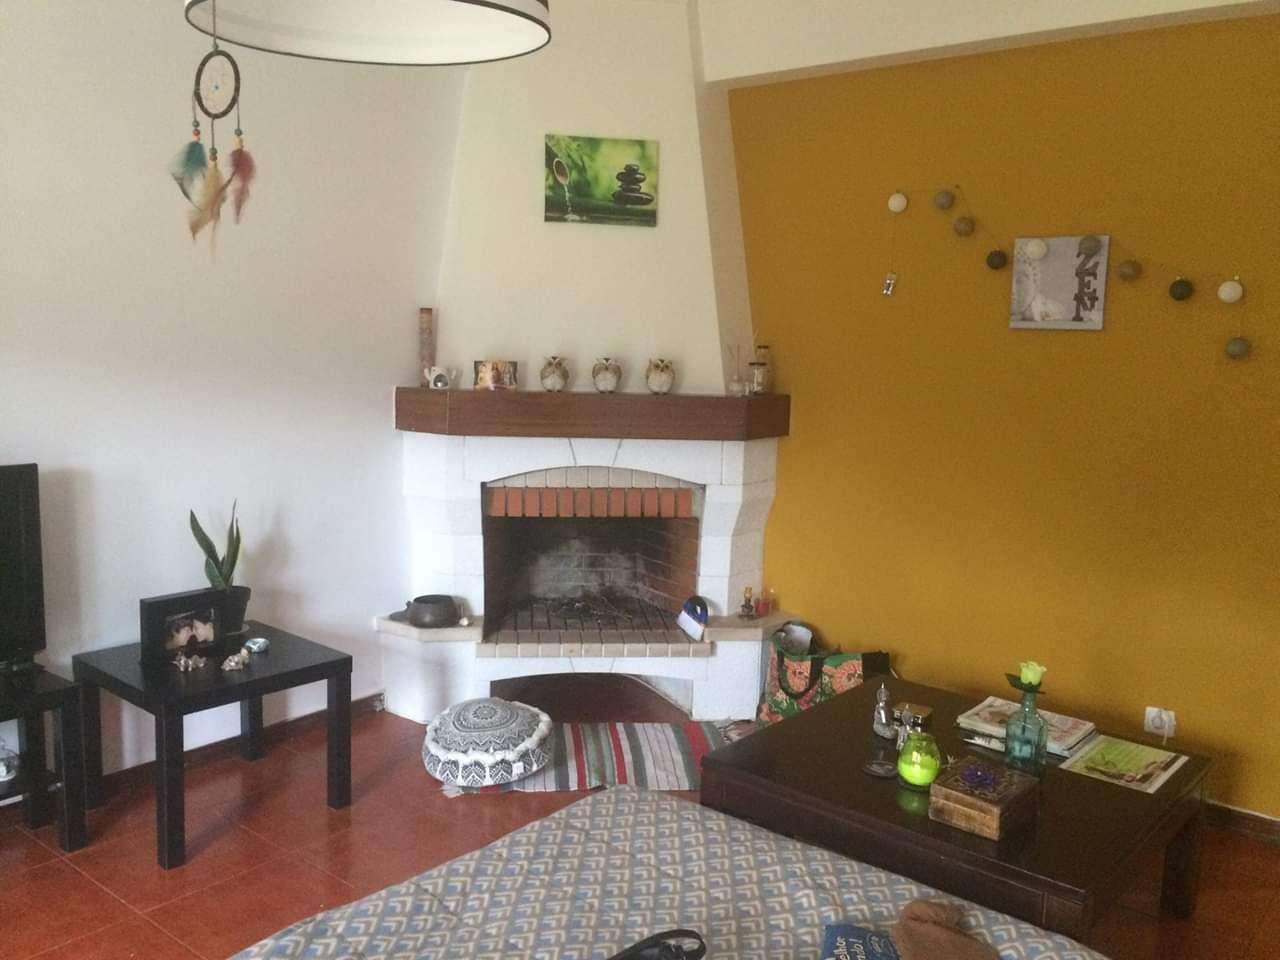 Apartamento para comprar, Castelo (Sesimbra), Sesimbra, Setúbal - Foto 1